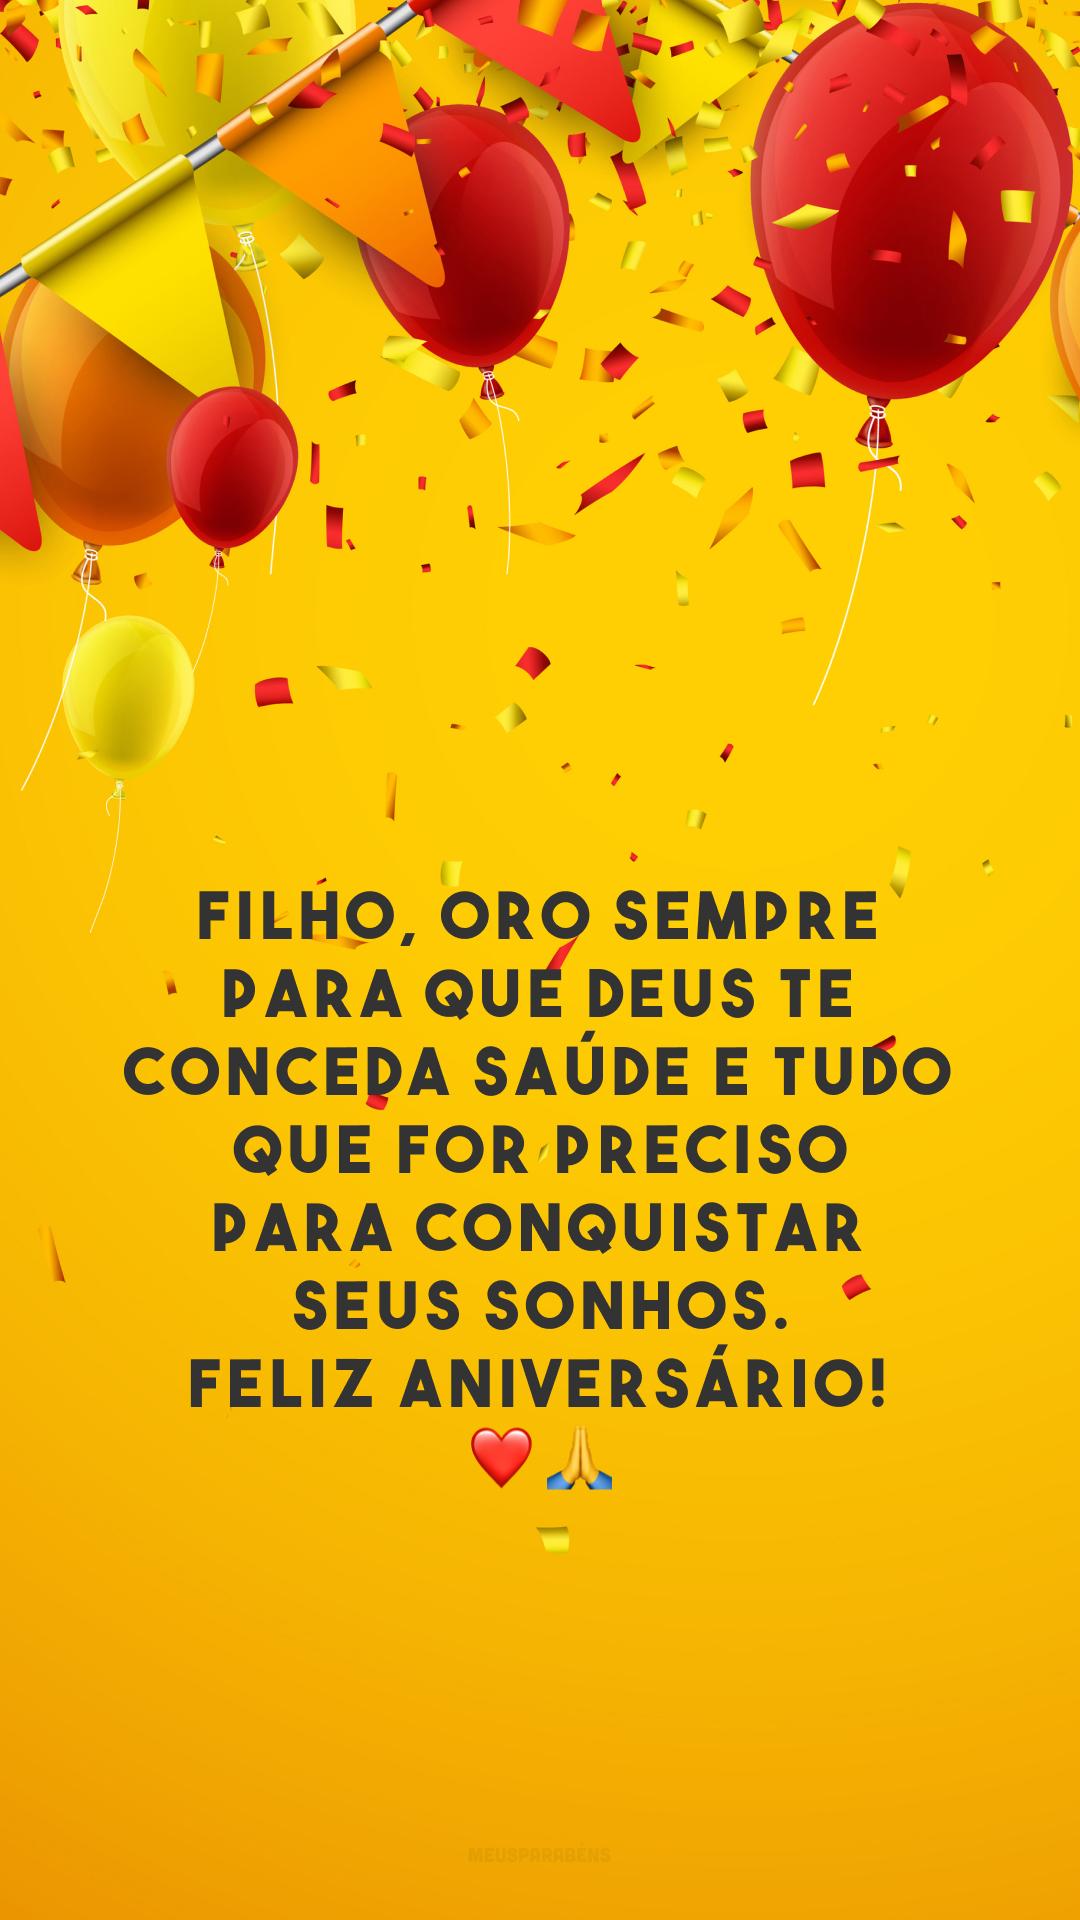 Filho, oro sempre para que Deus te conceda saúde e tudo que for preciso para conquistar seus sonhos. Feliz aniversário! ❤️🙏